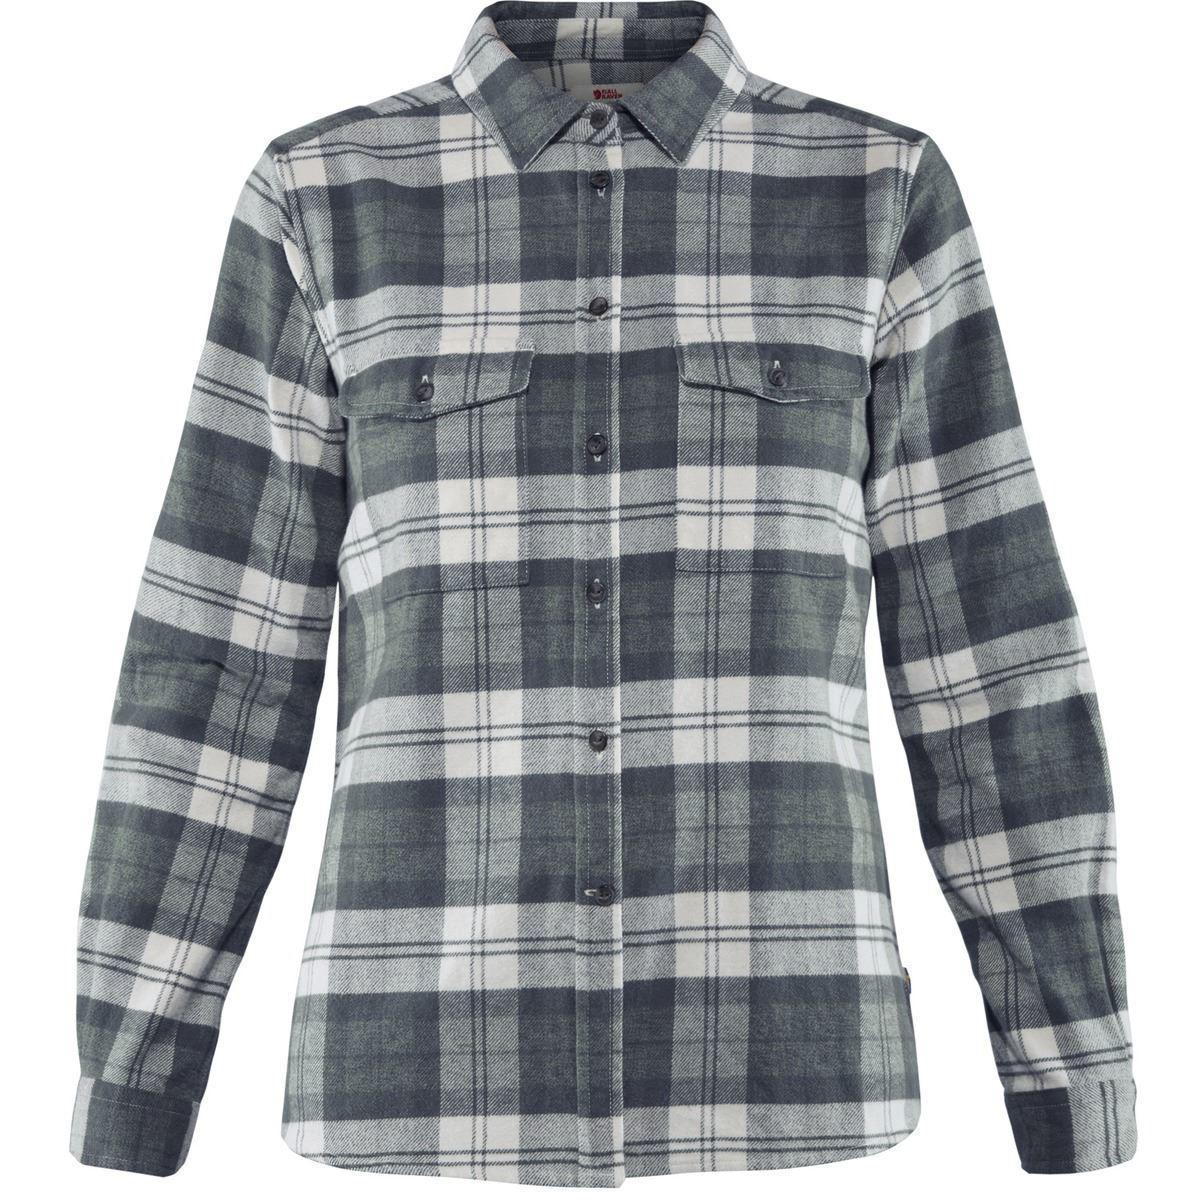 flannelskjorte til dam